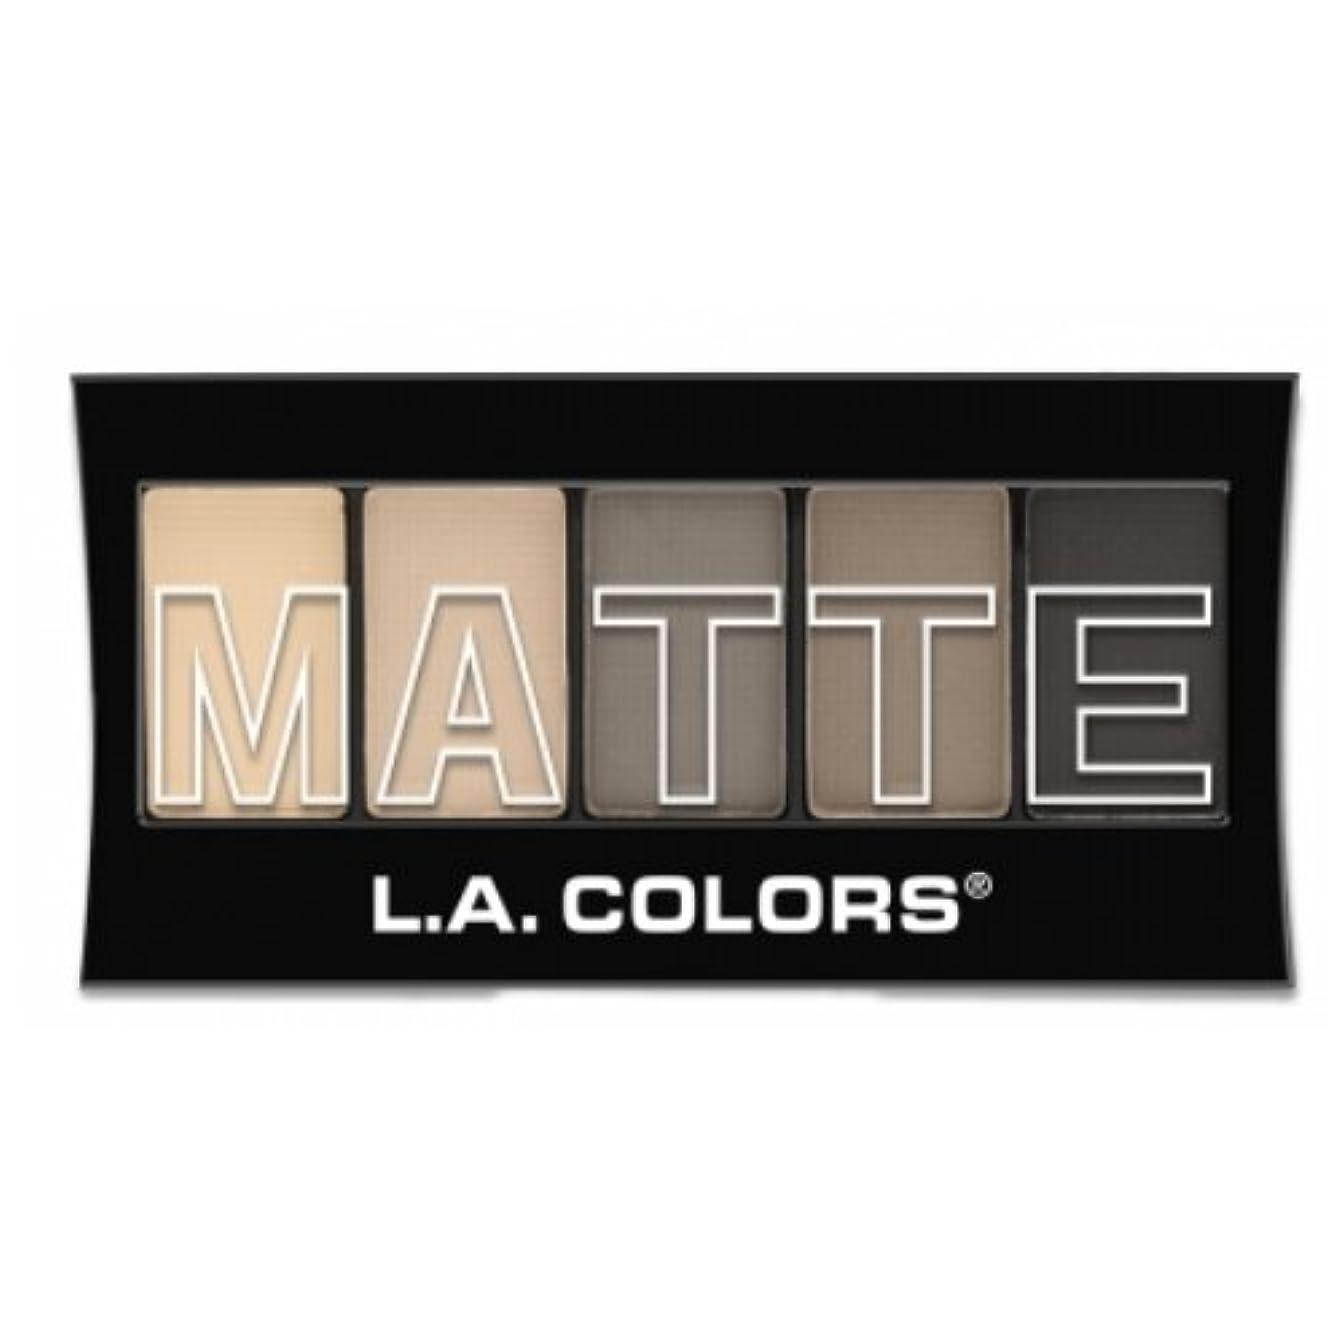 関連付ける教師の日教育する(3 Pack) L.A. Colors Matte Eyeshadow - Nude Suede (並行輸入品)